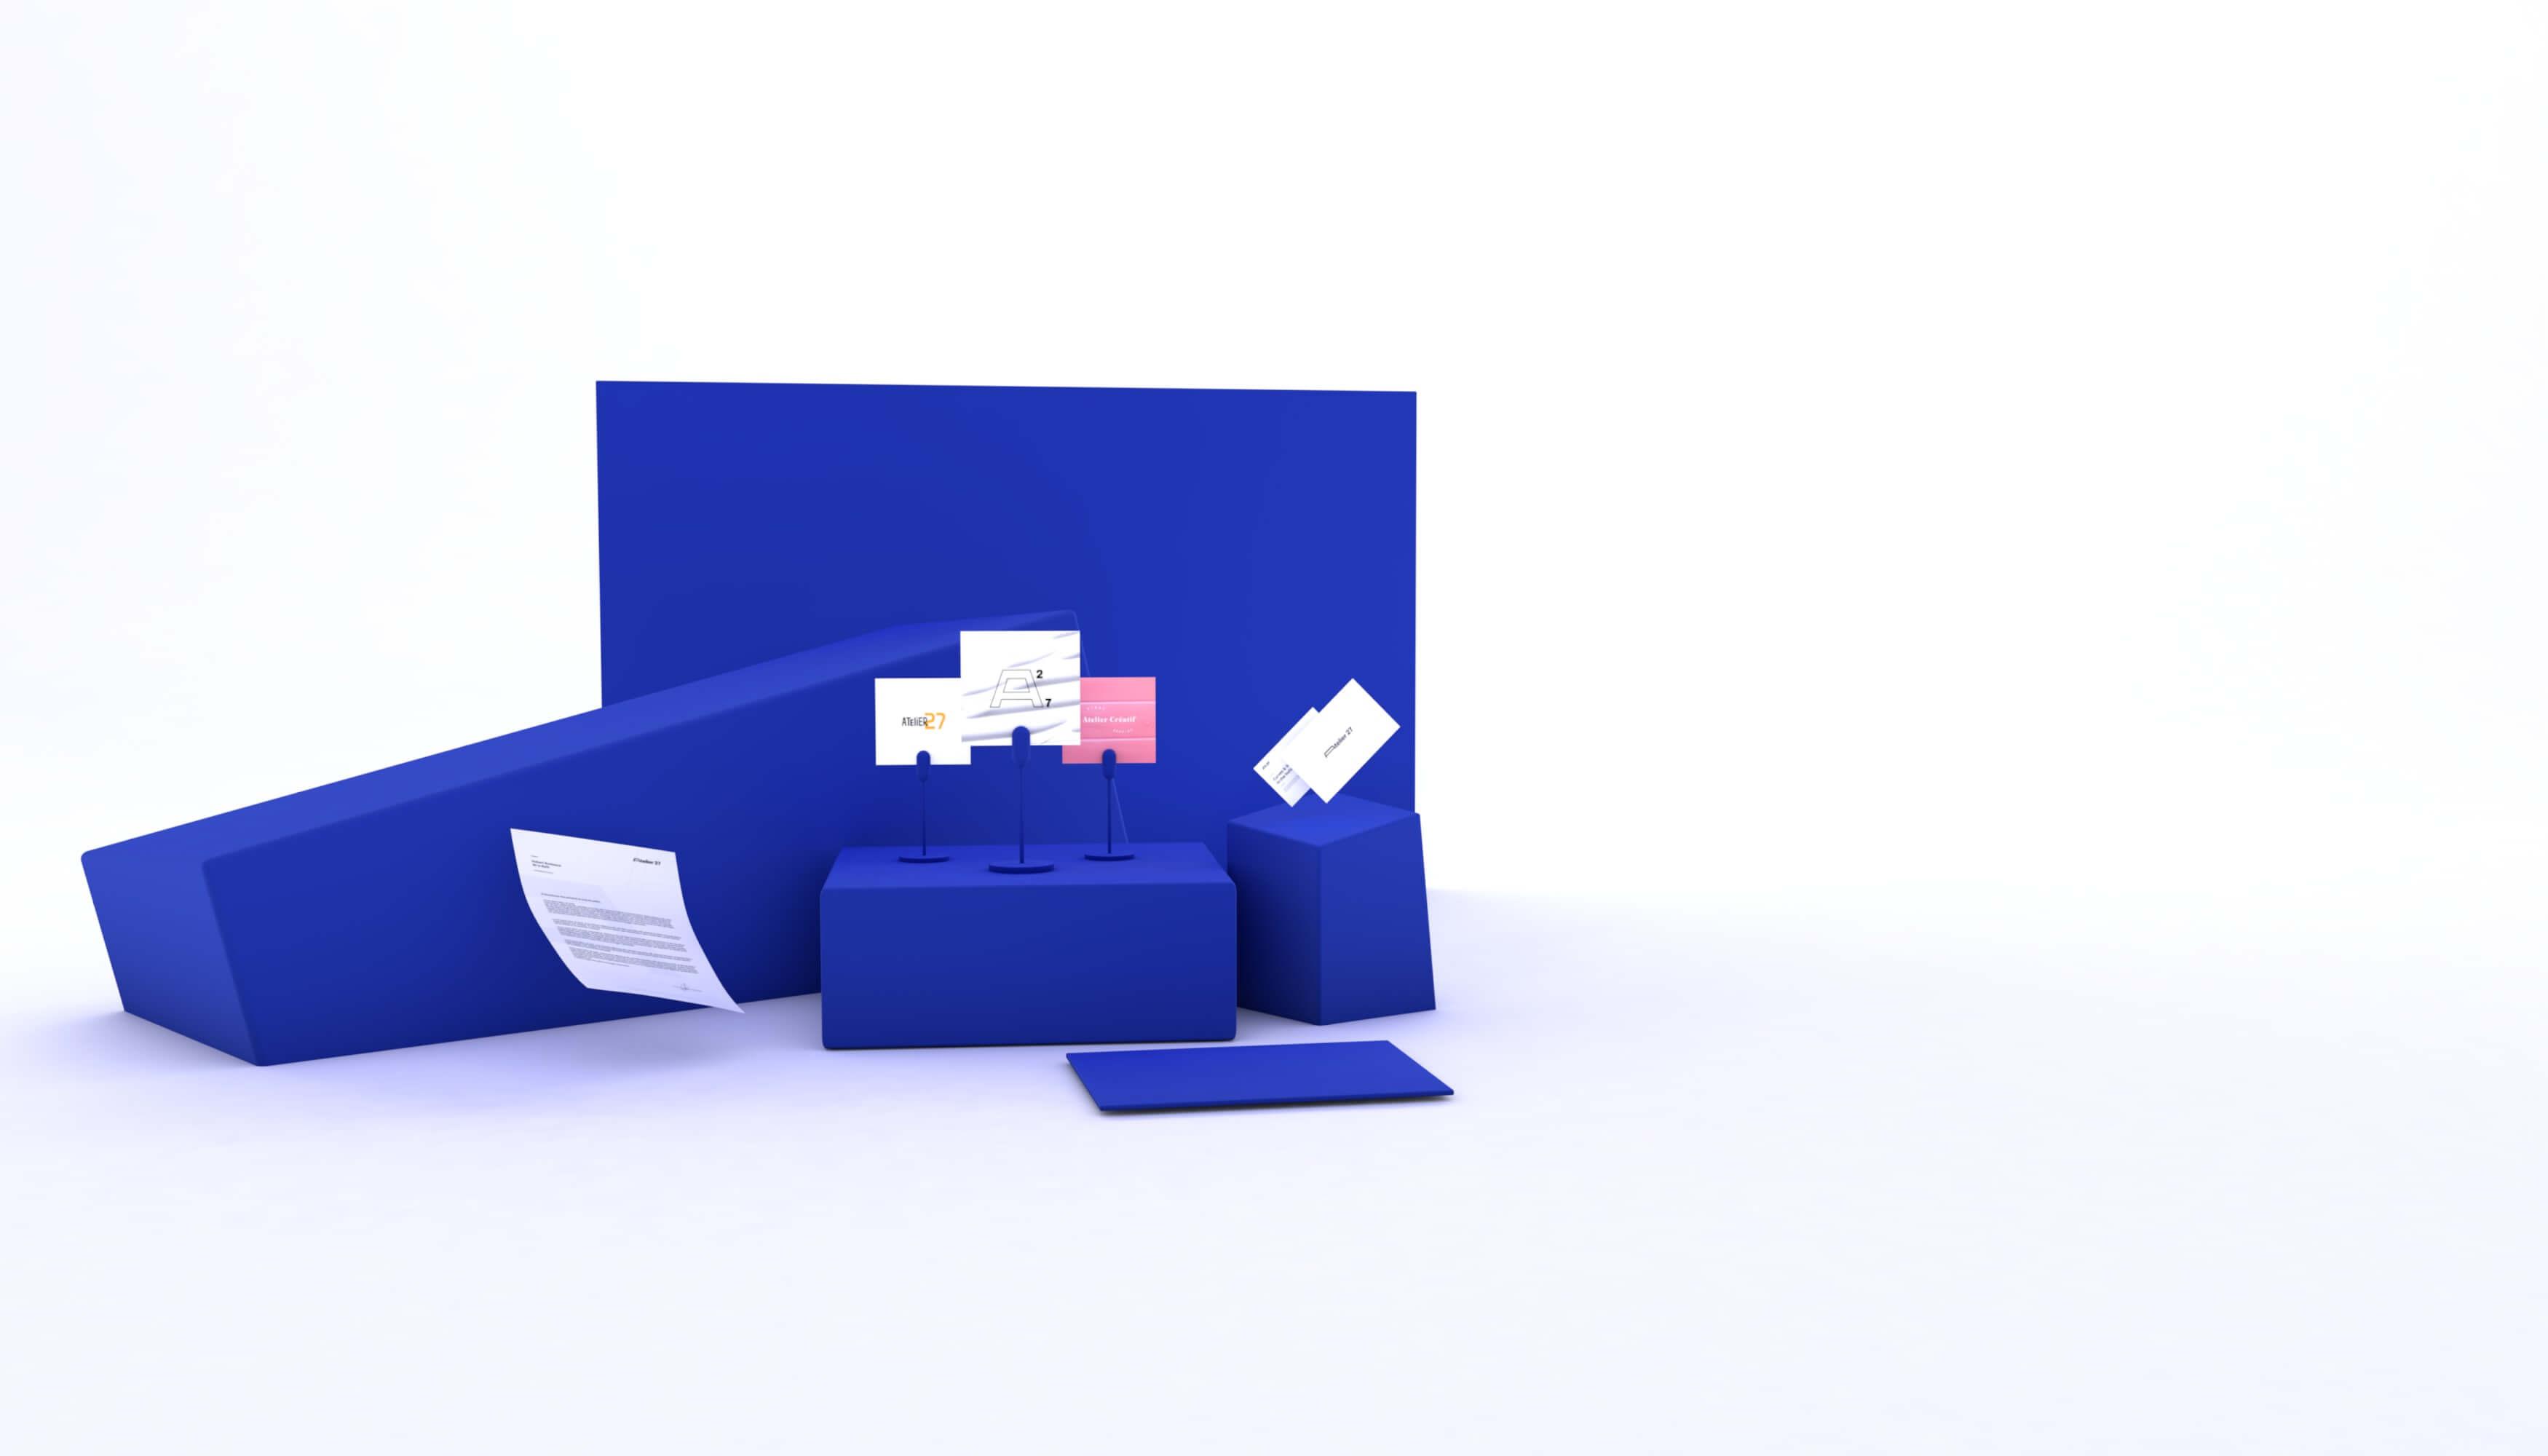 Création d'identité de marque à Bordeaux. Pack comprenant 3 propositions de logo, création et impression cartes de visite